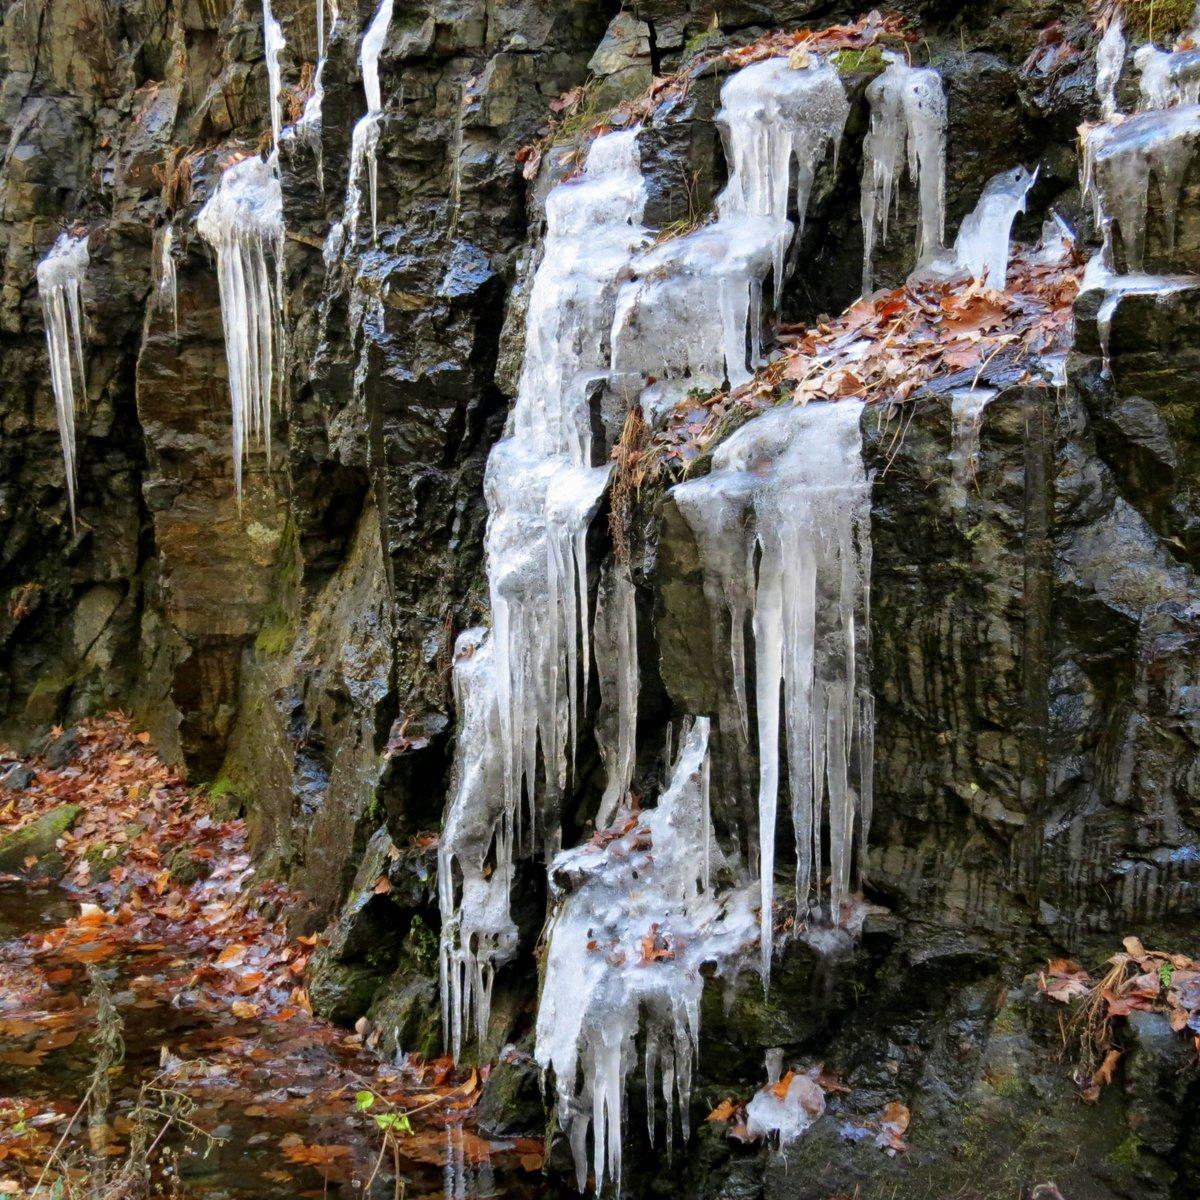 9. Ice on Ledges